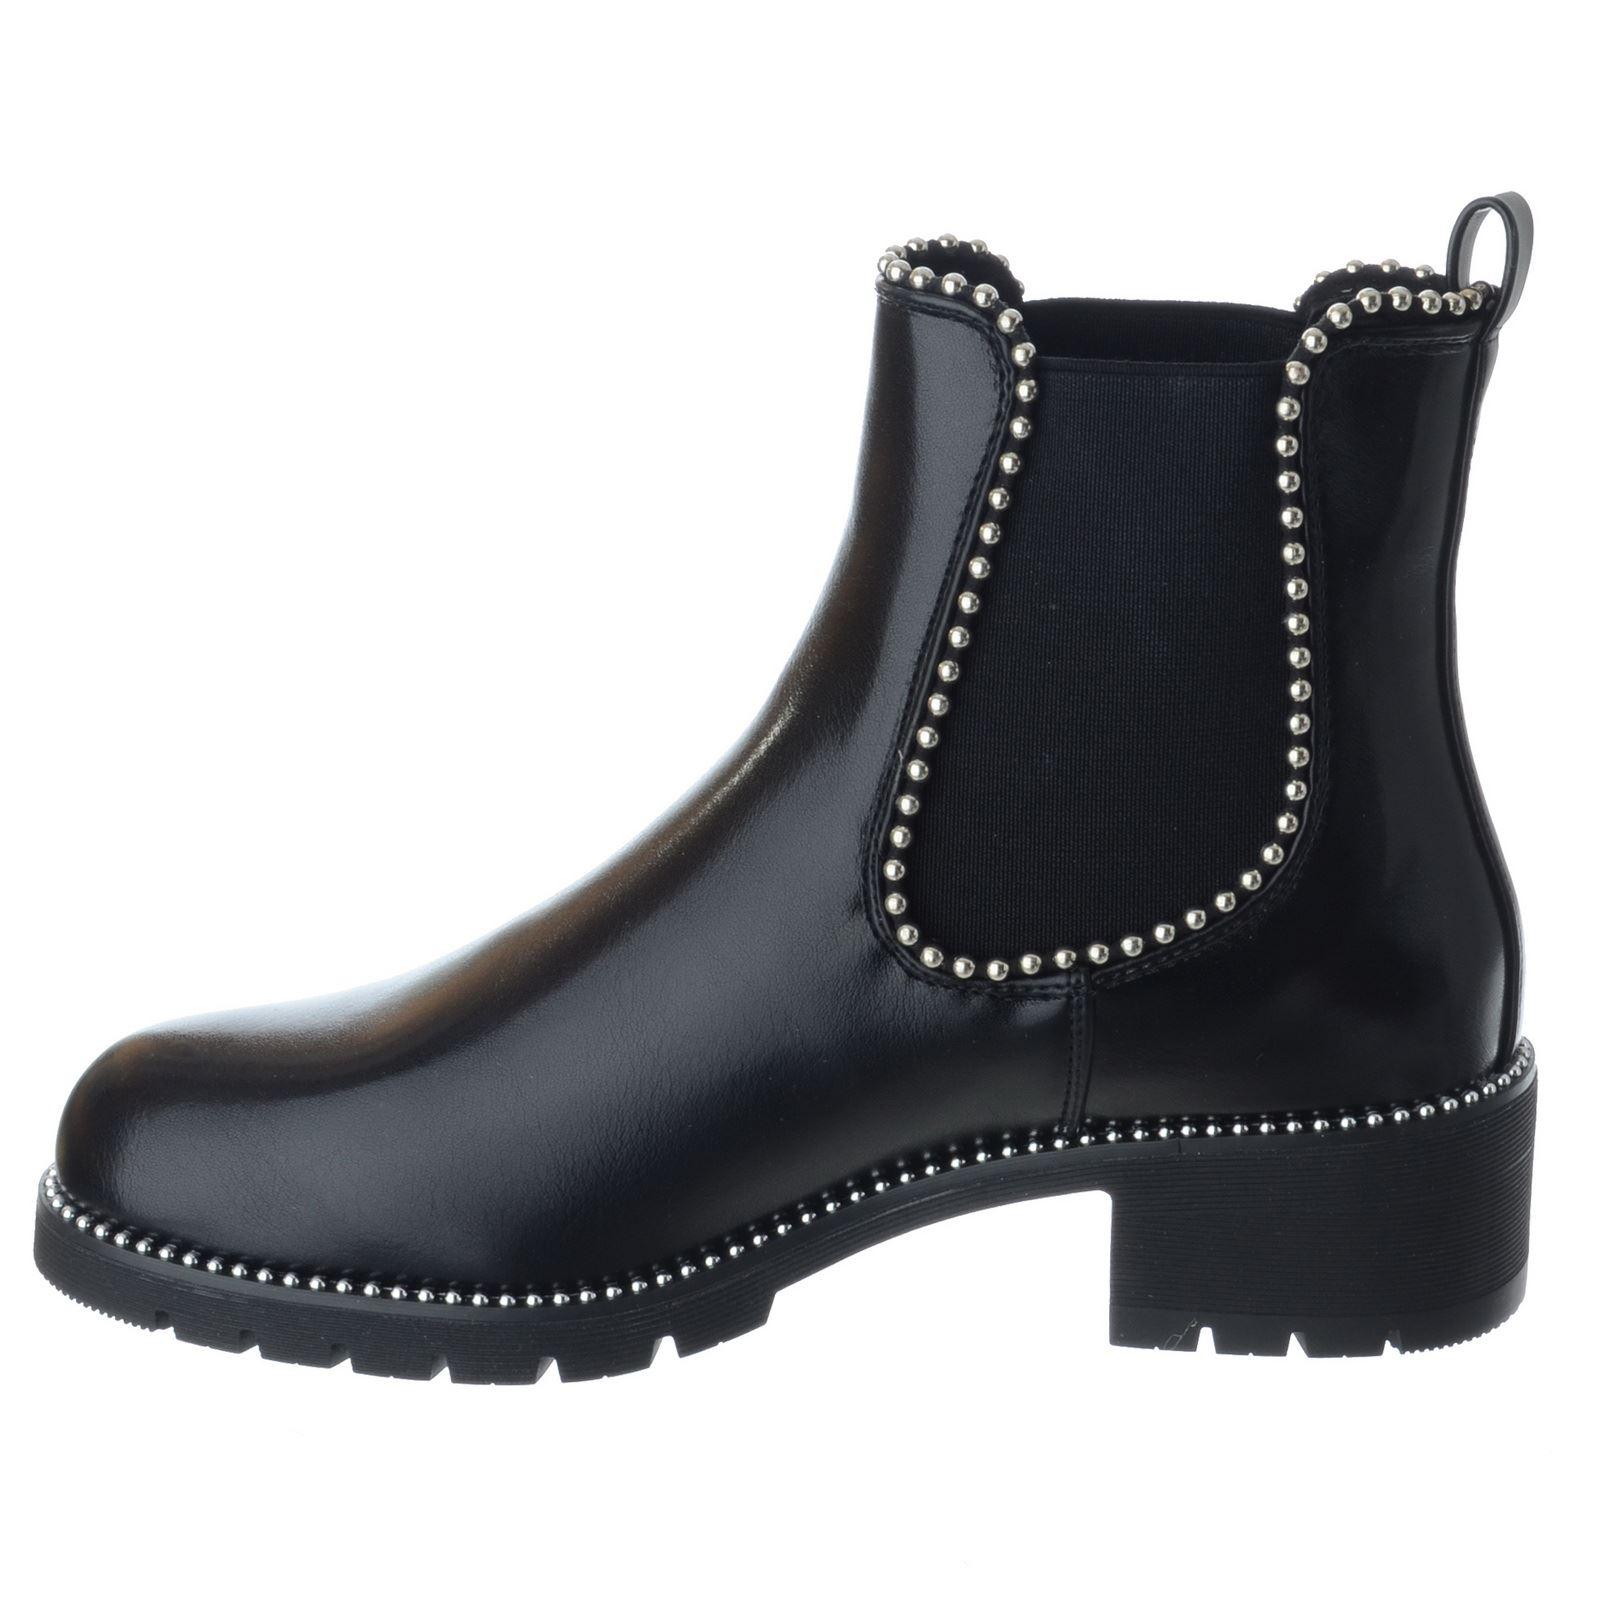 Femme Bas Bloc Talon Massif Semelle Chelsea Cloutées Bottines Chaussures Pointure